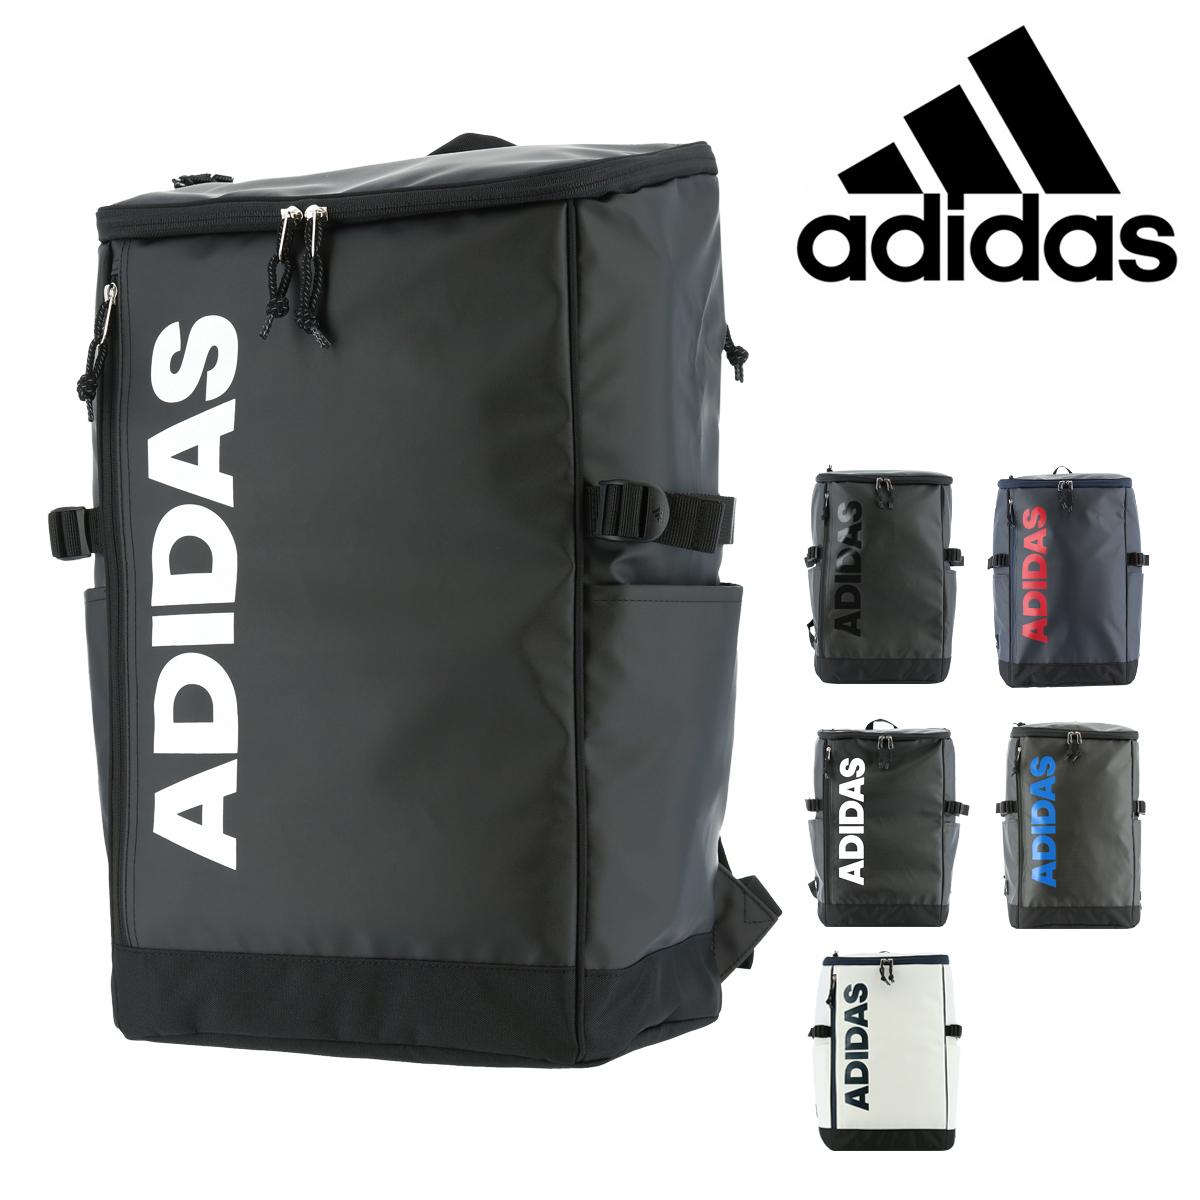 アディダス リュック スクールバッグ 30L スクエア メンズ レディース 62792 adidas | リュックサック デイパック 軽量 大容量 通学[PO10][即日発送][母の日]